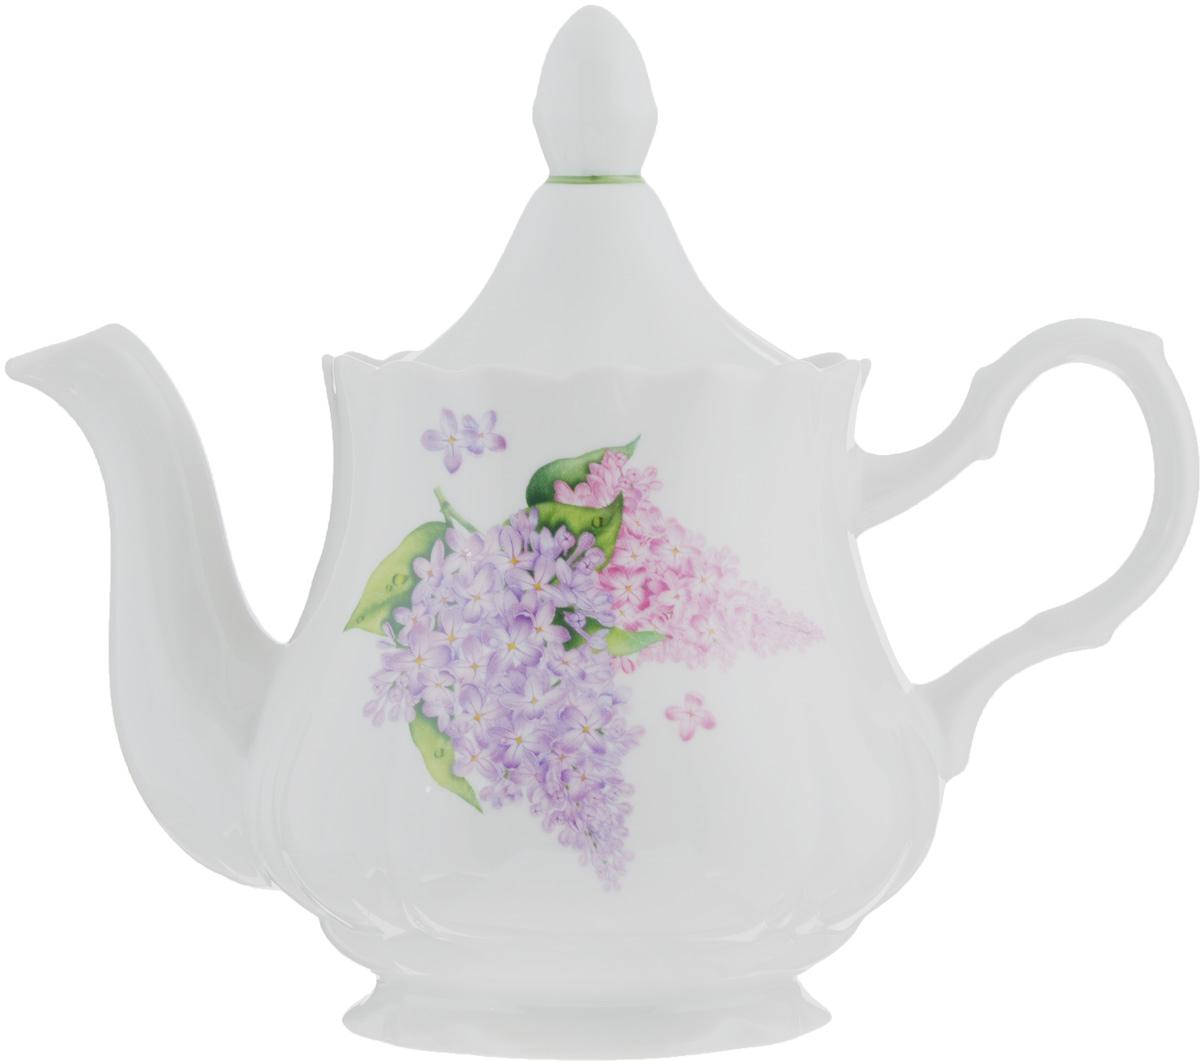 Чайник заварочный Романс. Сирень, 800 мл507772Заварочный чайник Романс. Сирень, выполненный из высококачественного фарфора, покрыт сверкающей глазурью. Изделие оснащено крышкой и украшено цветочным рисунком. Заварочный чайник Романс. Сирень придется по вкусу и ценителям классики, и тем, кто предпочитает утонченность и изысканность.Диаметр (по верхнему краю): 9,5 см. Высота чайника (без учета крышки): 12 см.